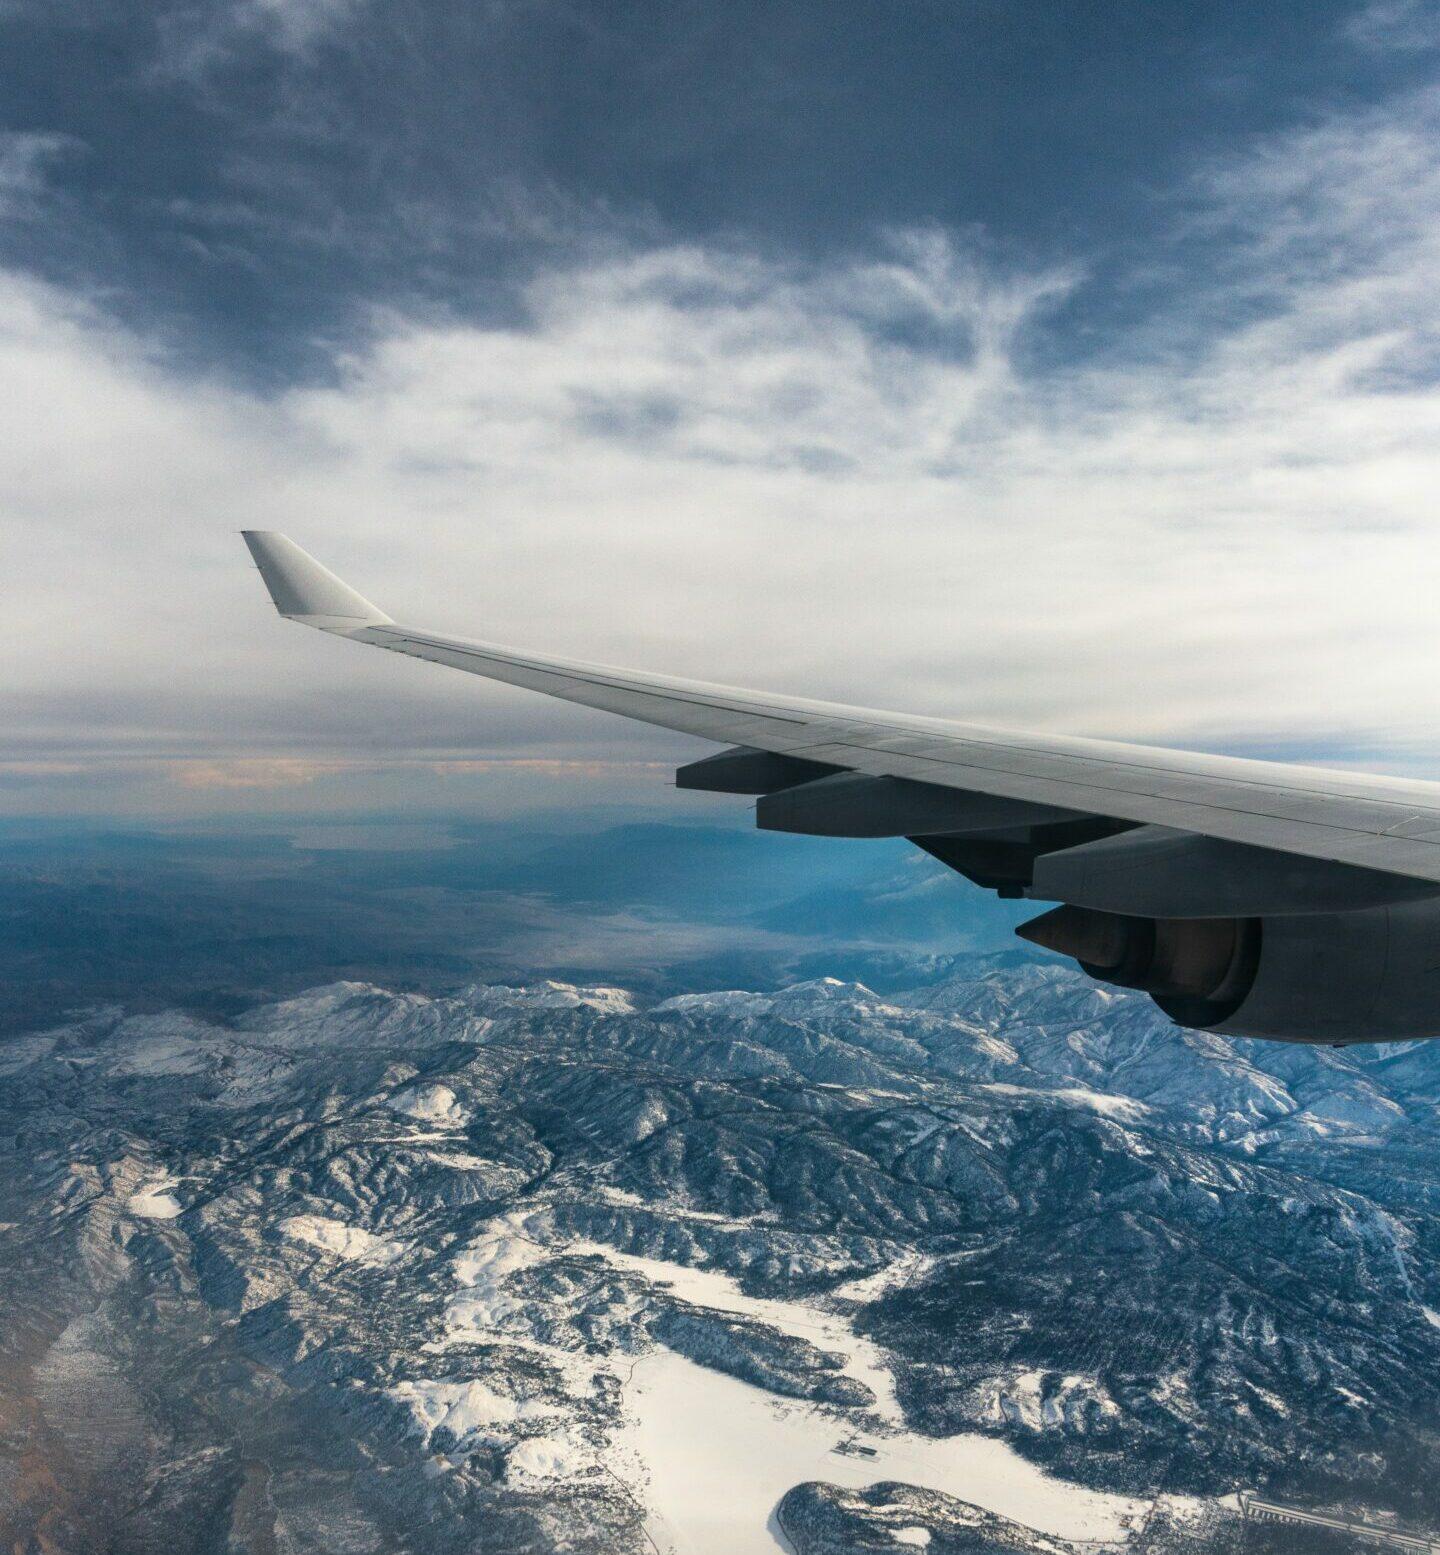 747 doing a long flight